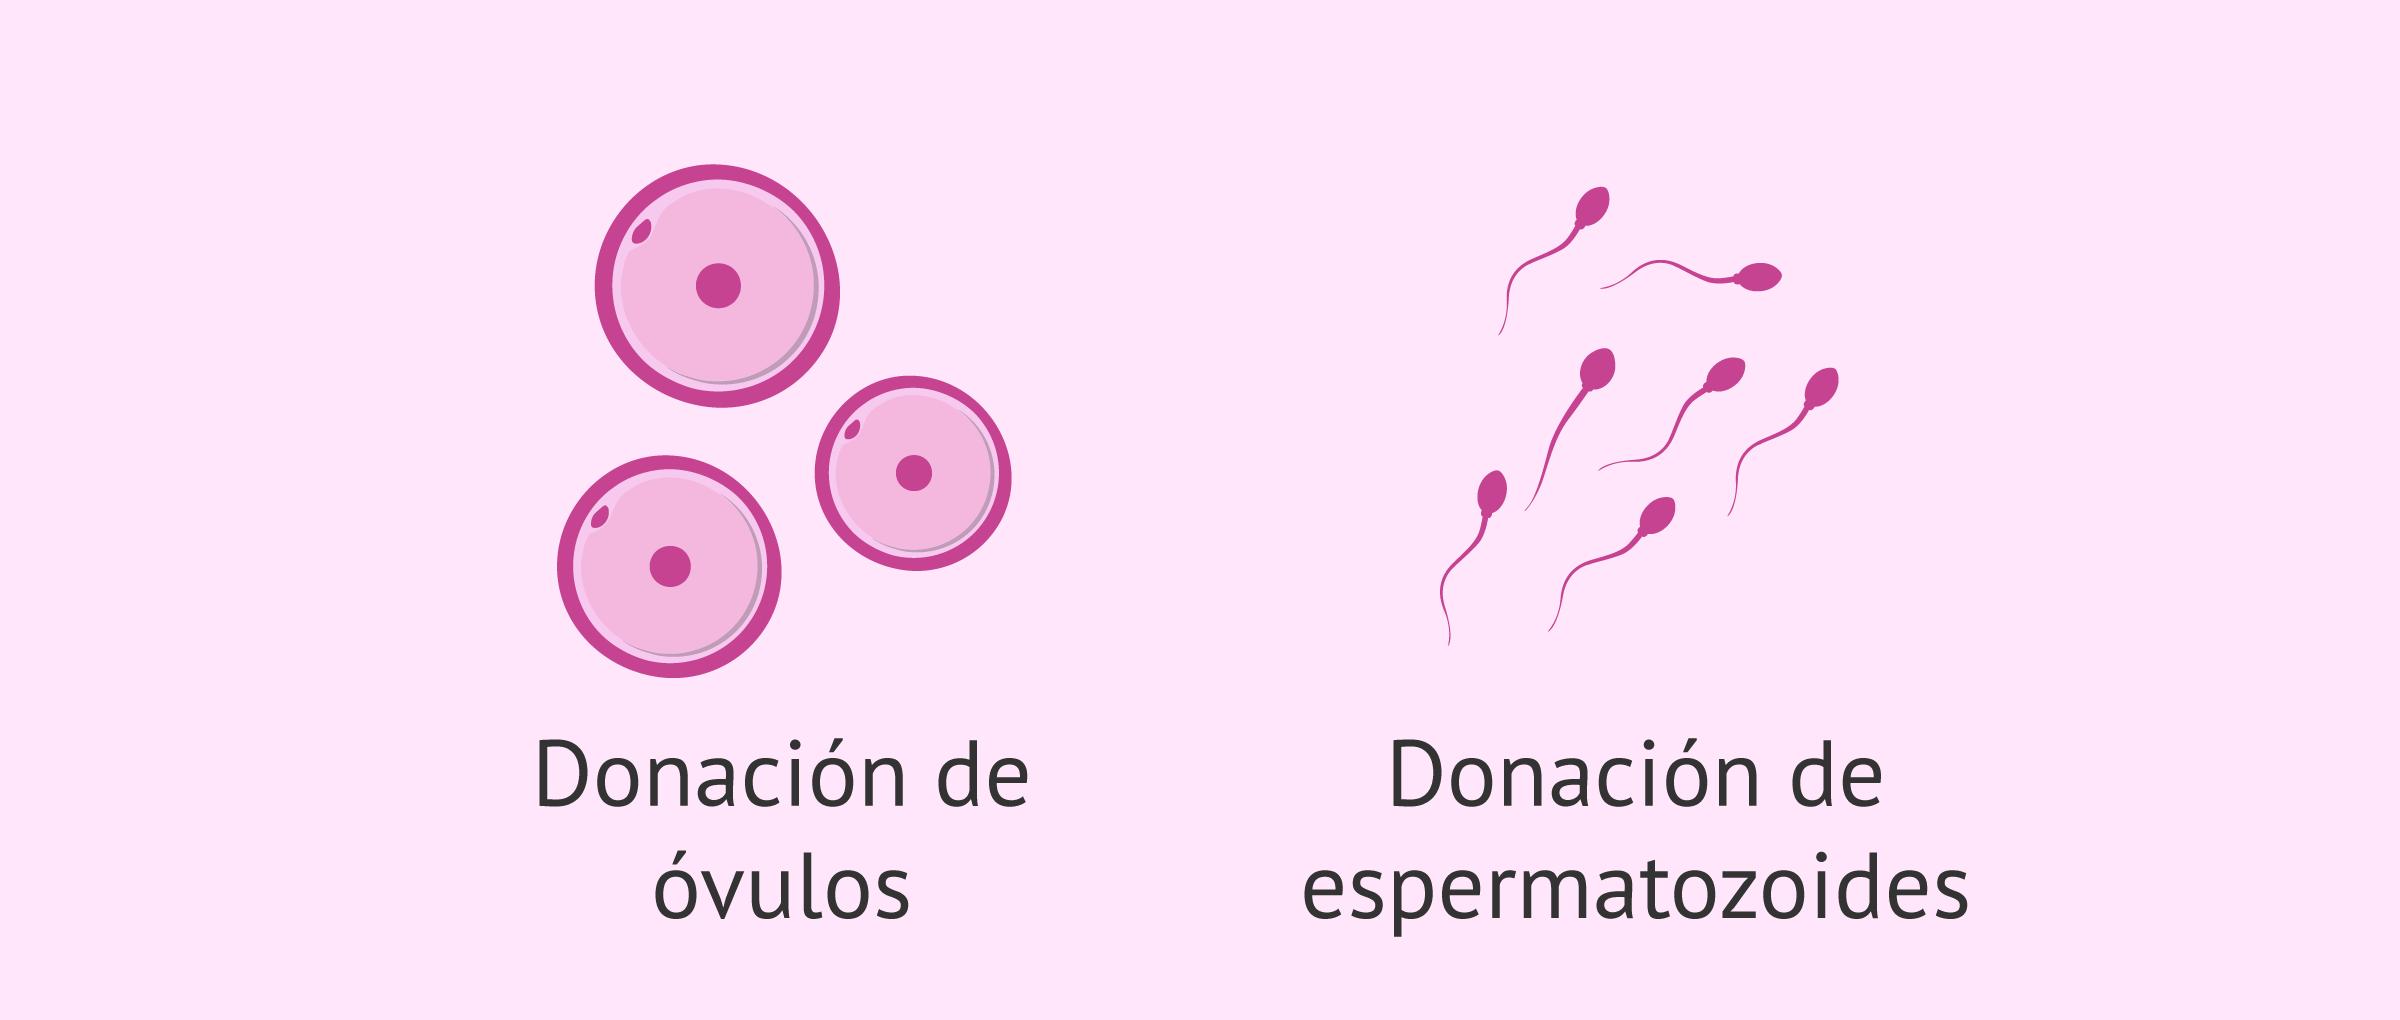 Donación de gametos en los tratamientos de reproducción asistida